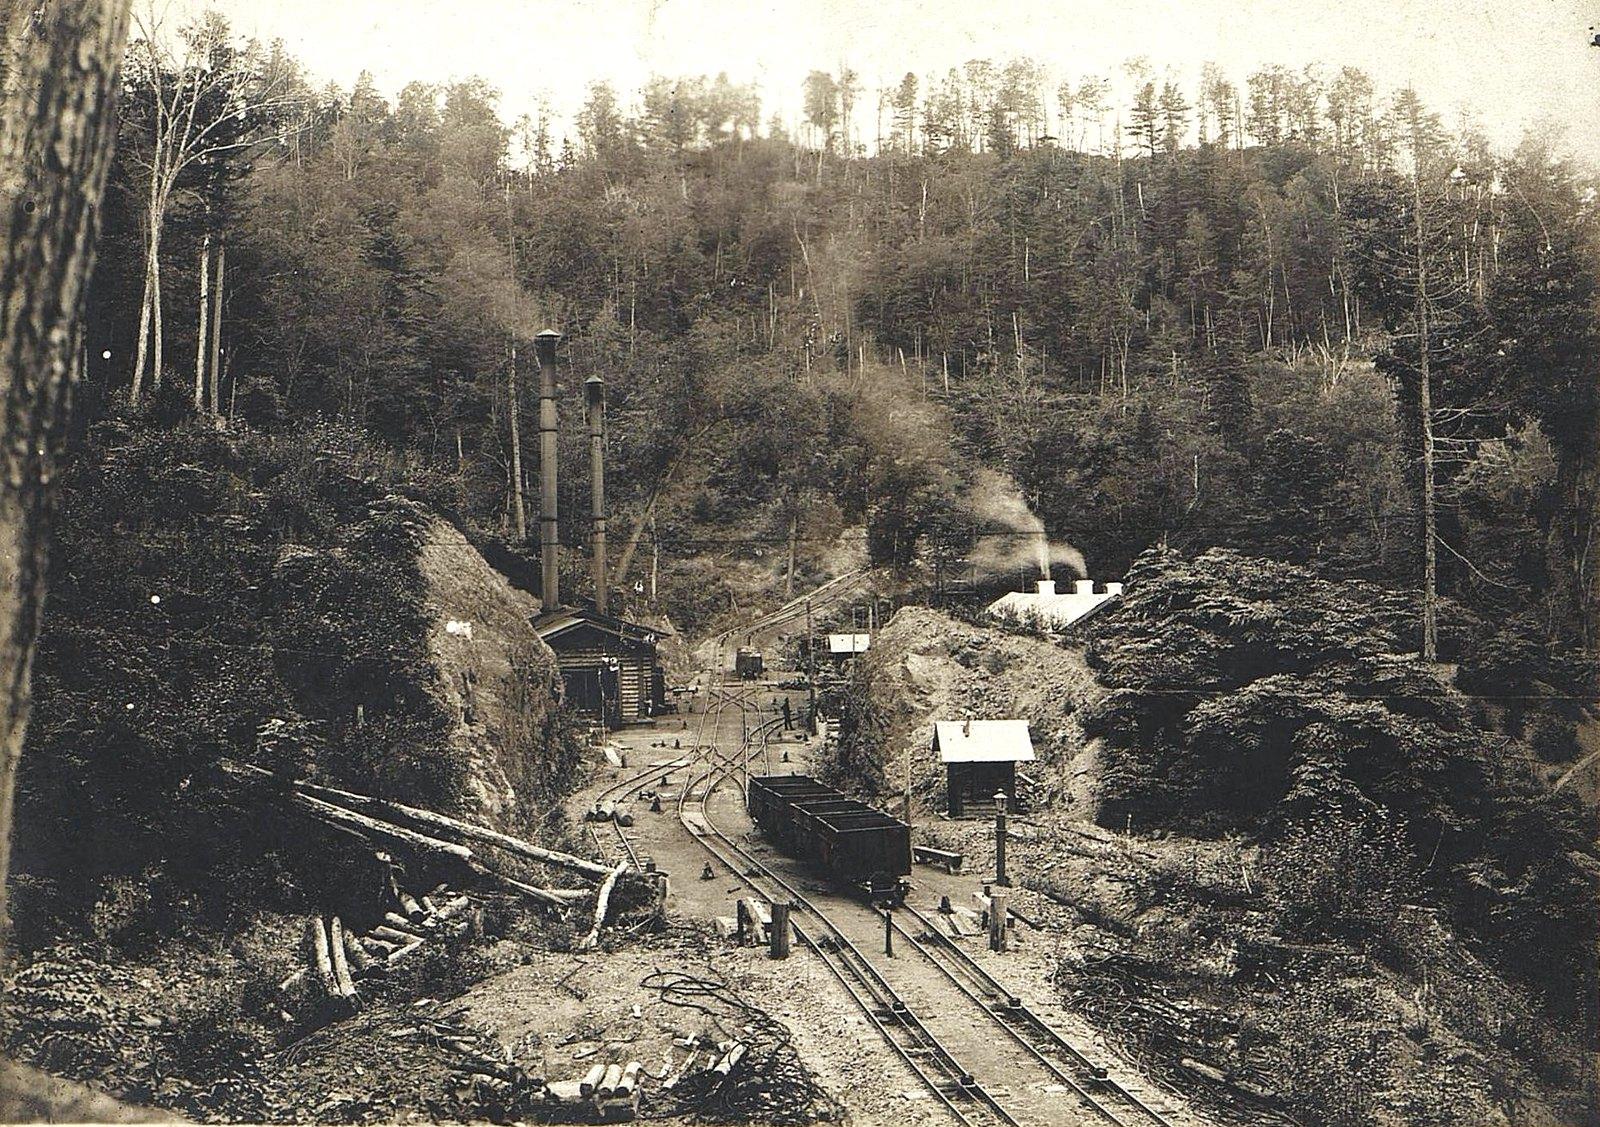 Участок Сучанской узкоколейной железной дороги с применением канатной тяги в районе перевала Сихотэ-Алинь